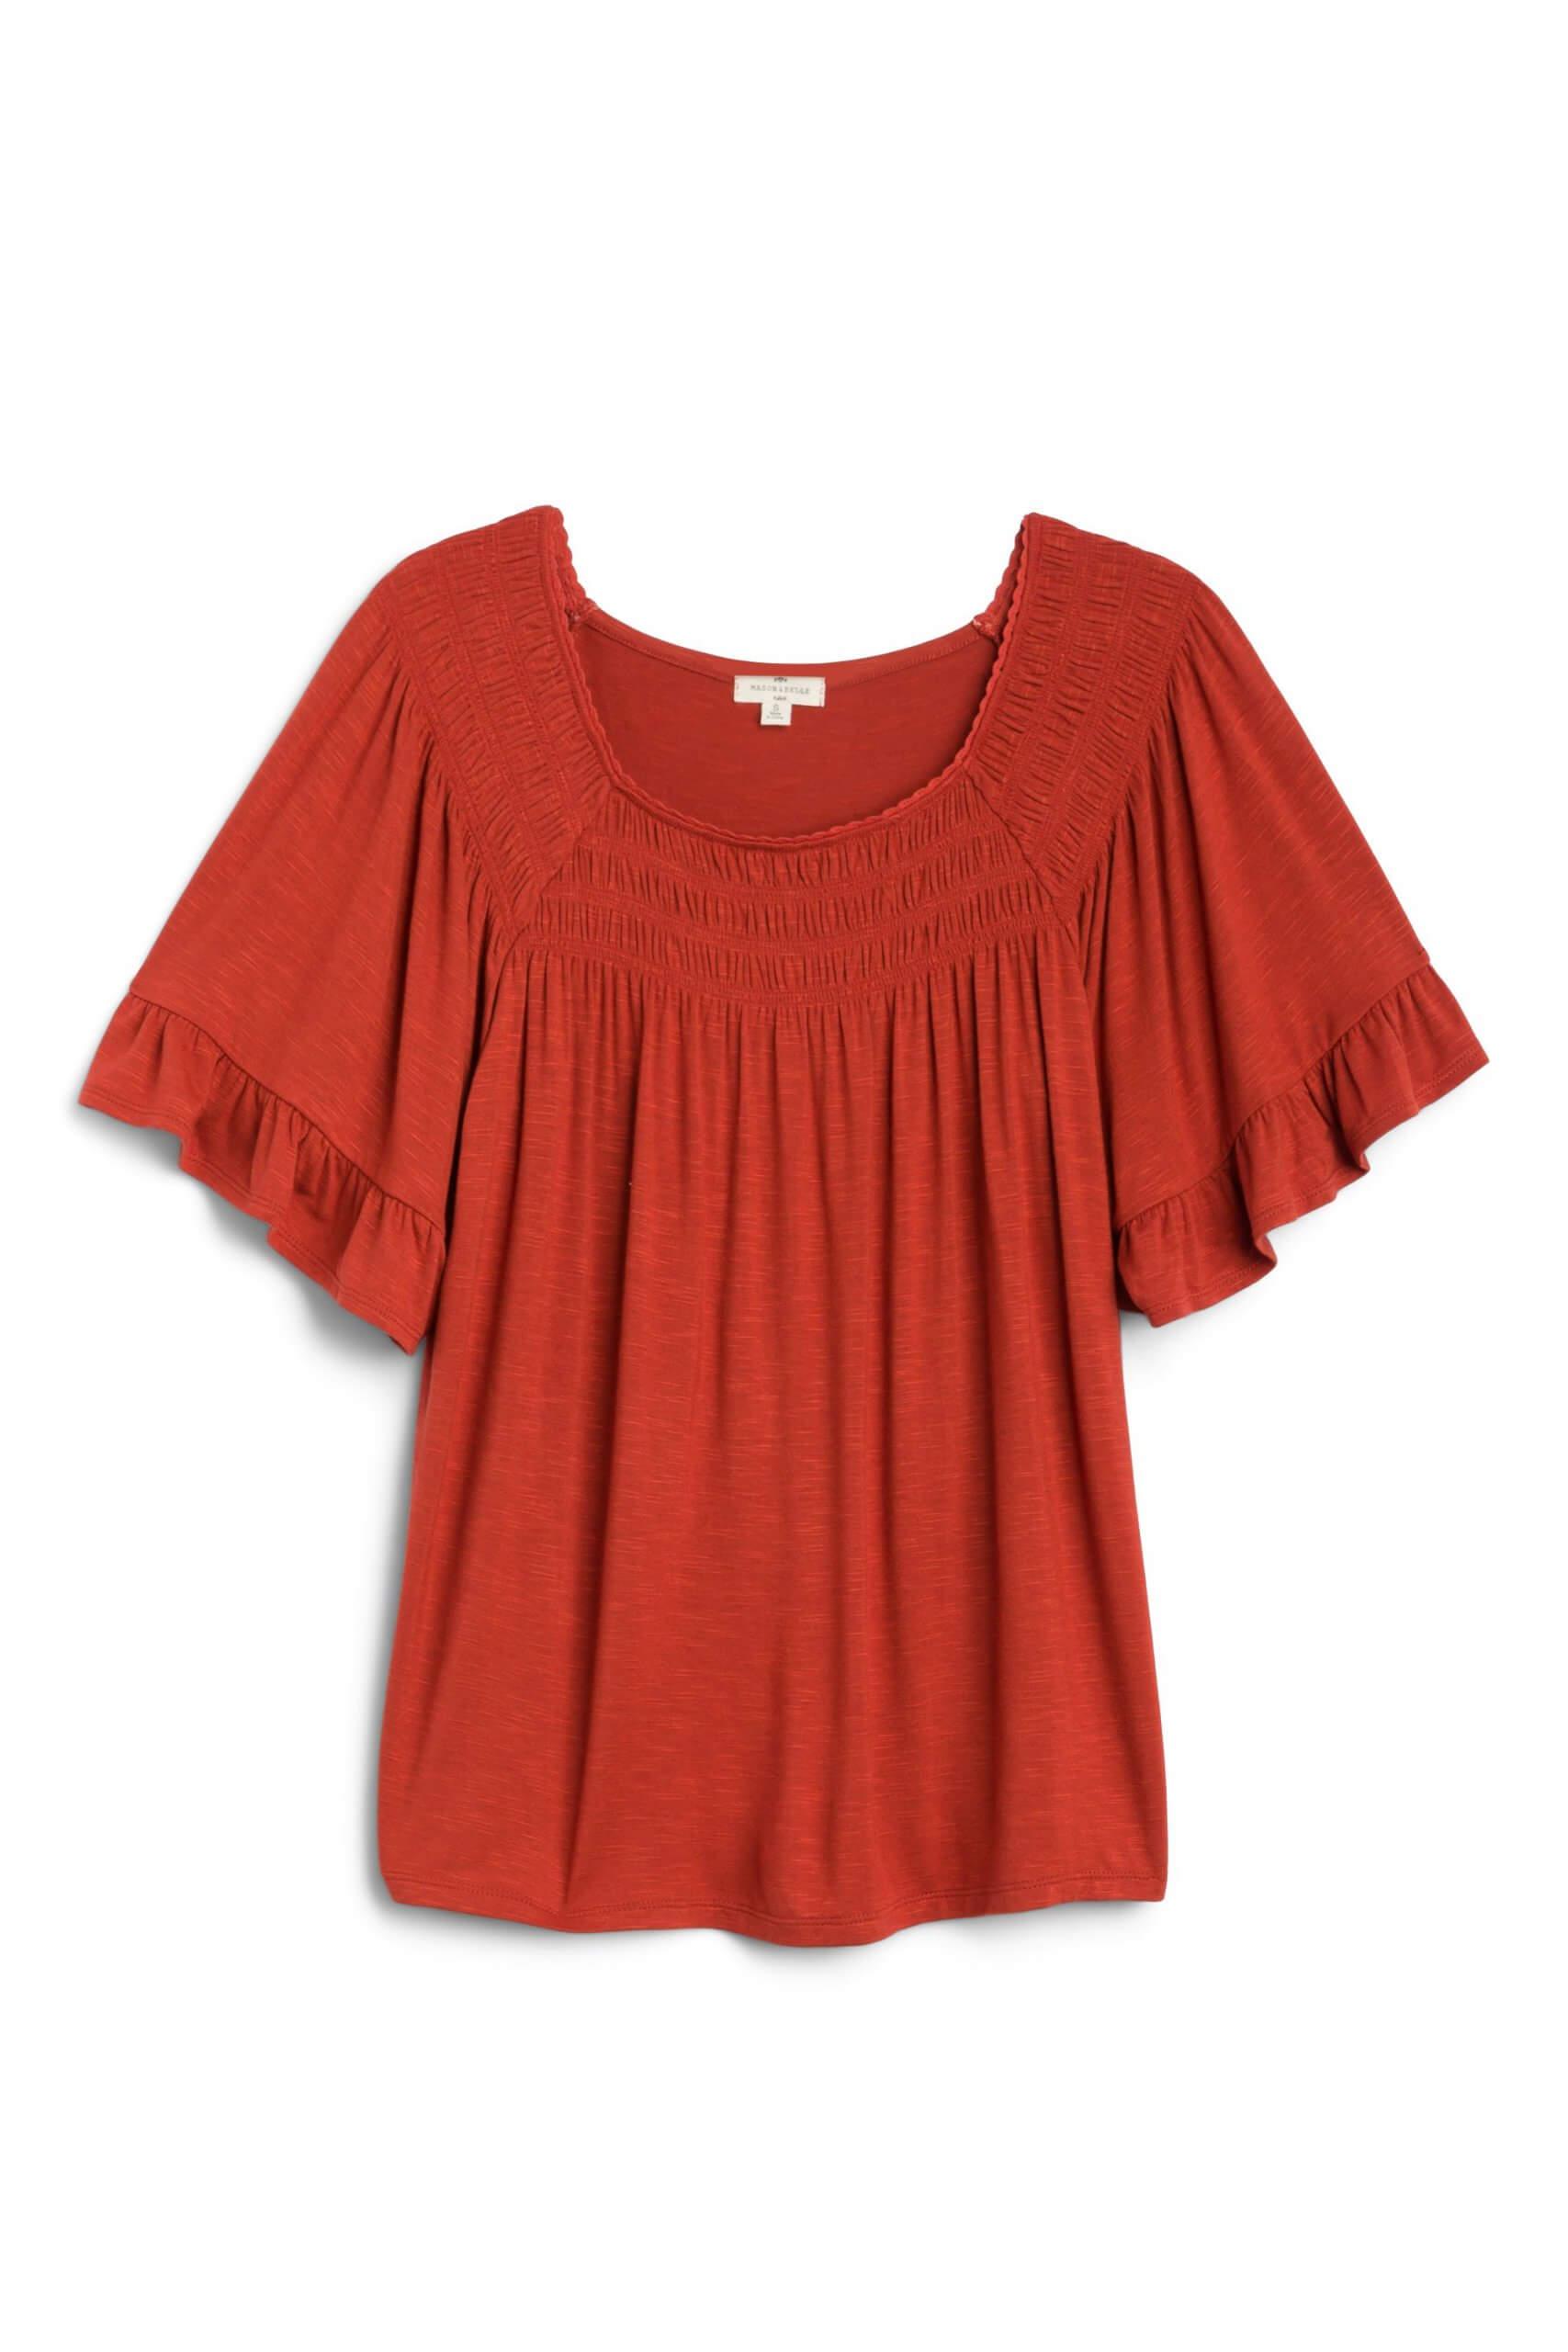 Stitch Fix Women's orange flutter sleeve top.